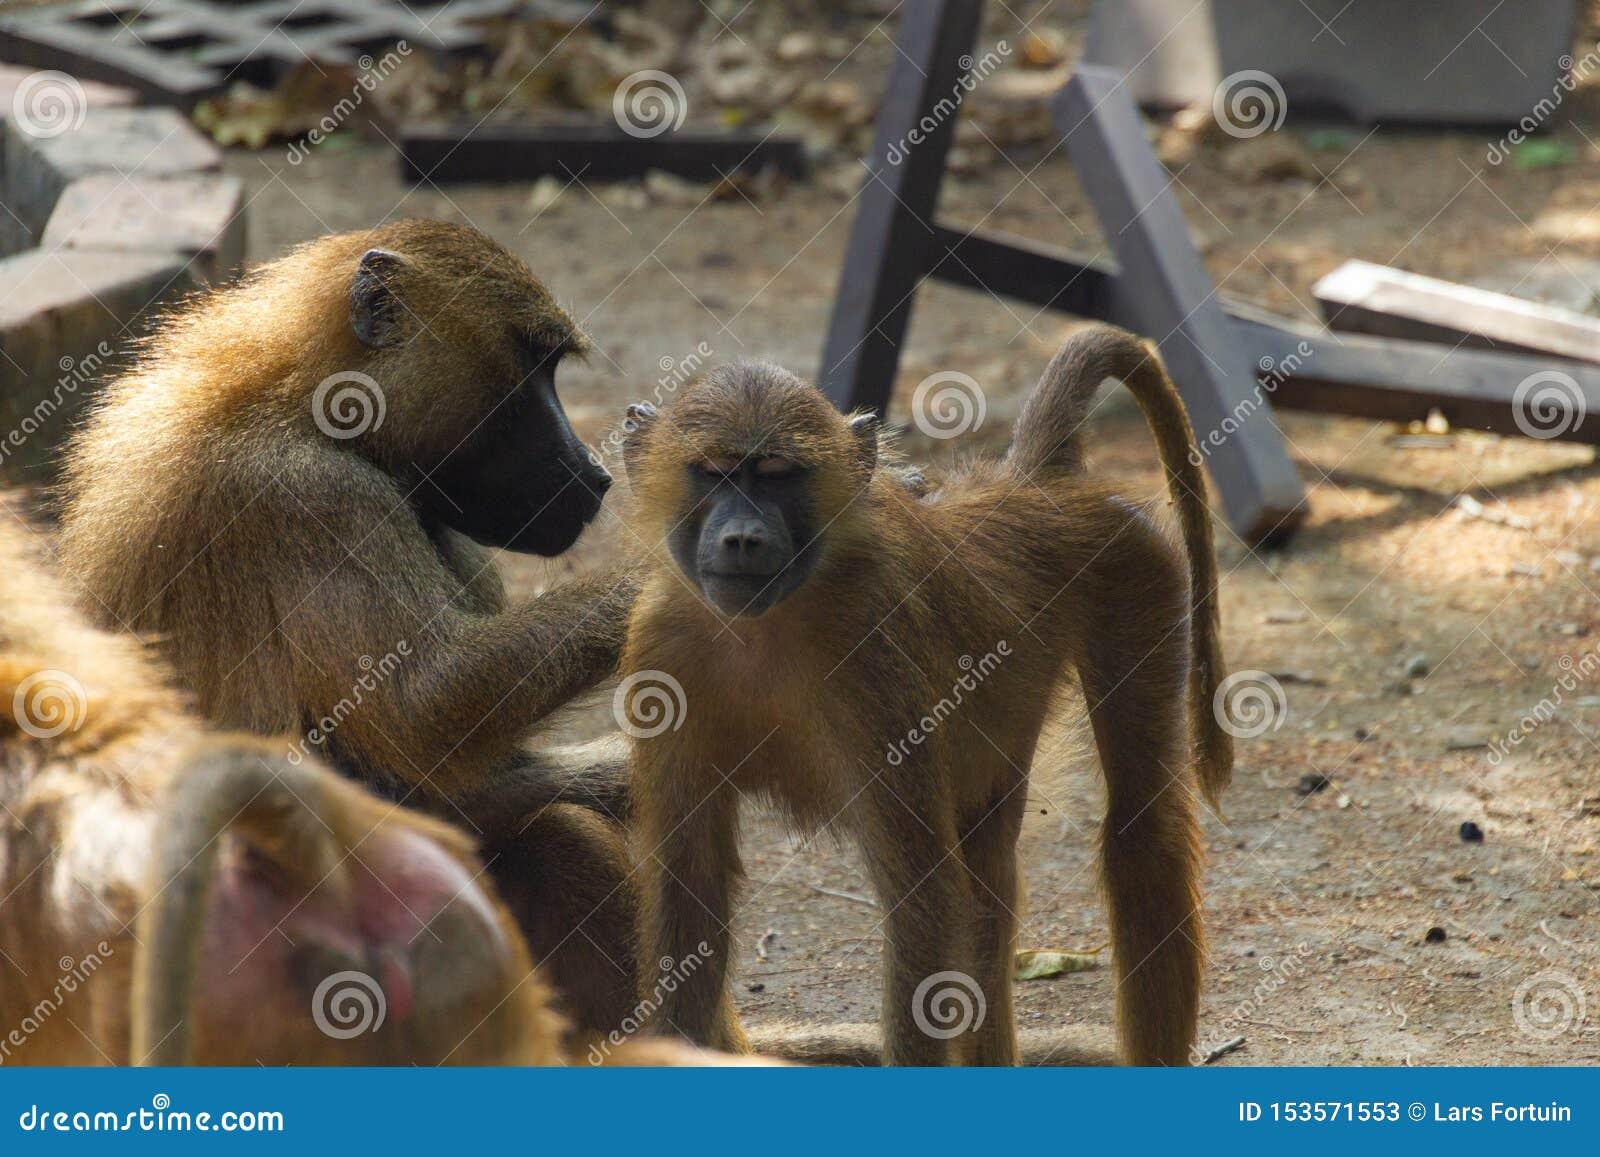 Small monkey is getting flea picked